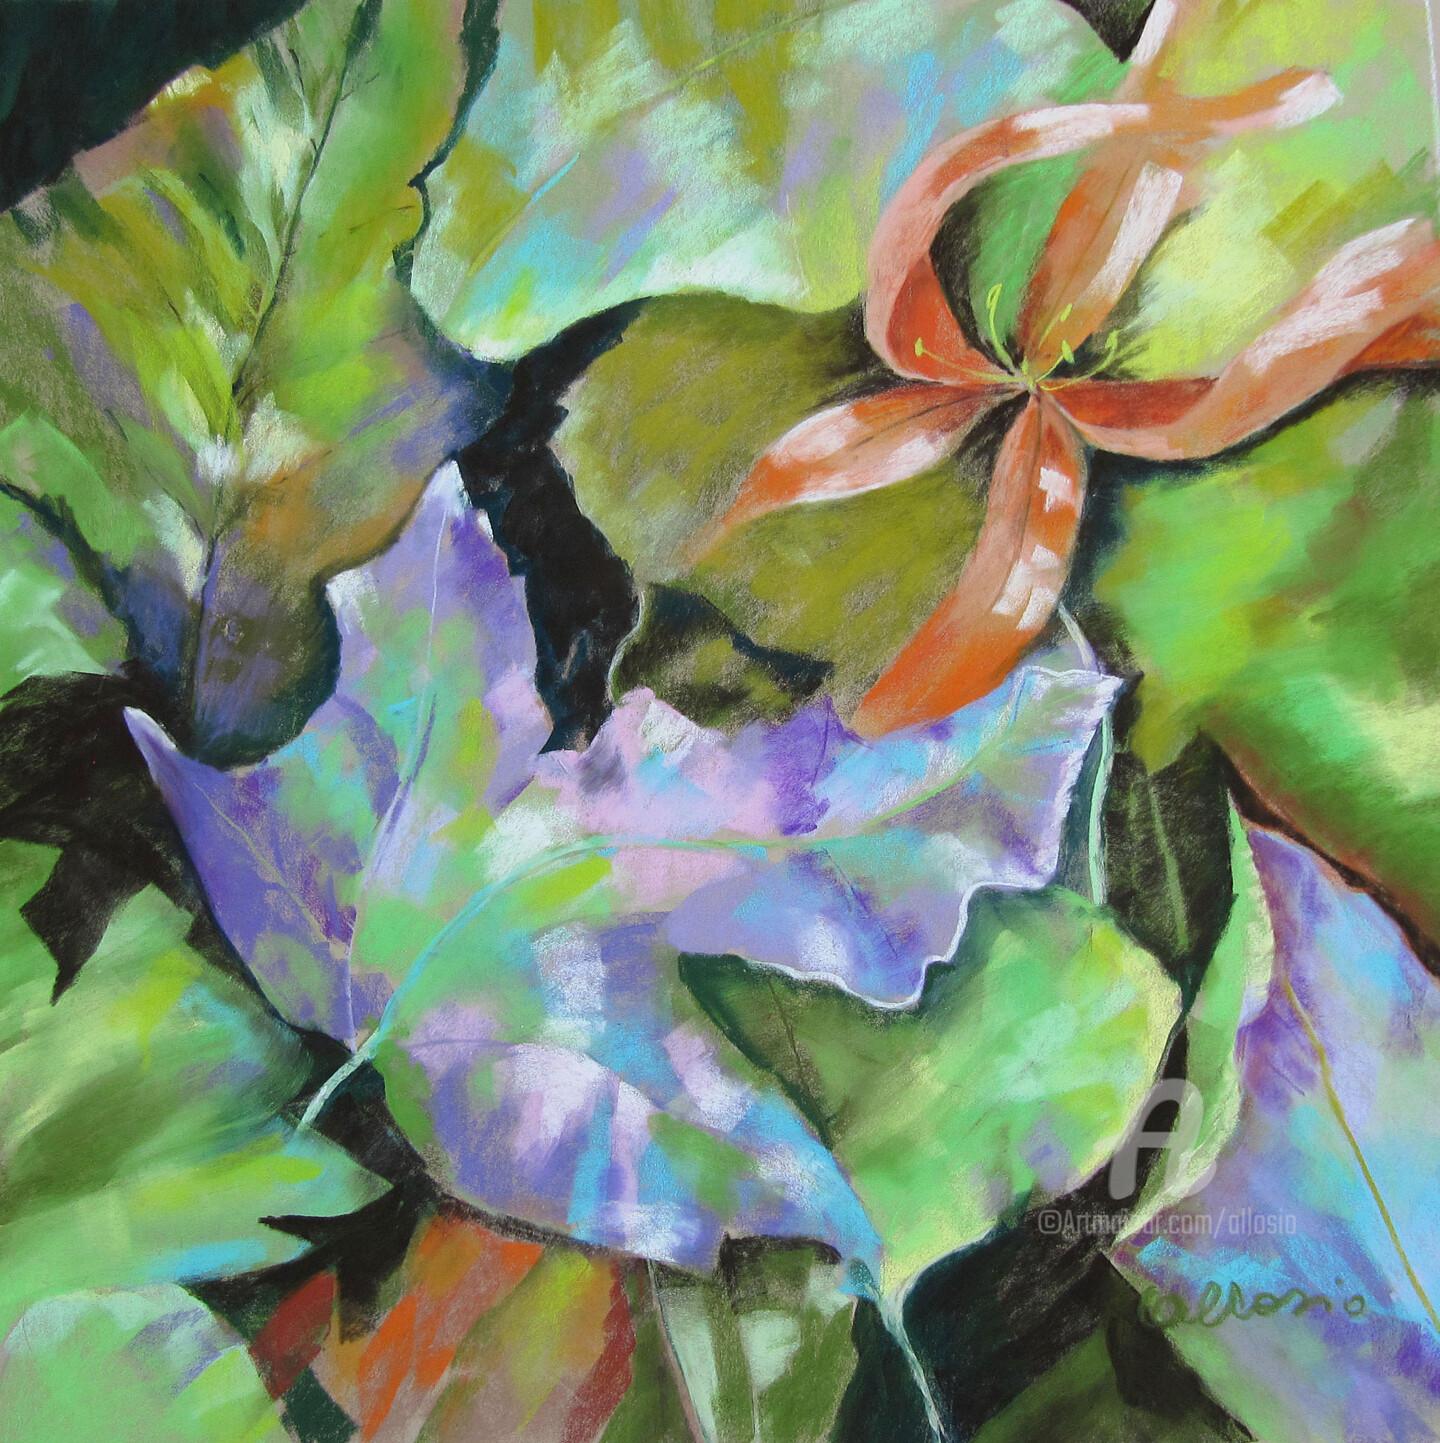 Claudette Allosio - irisation-50x50.jpg